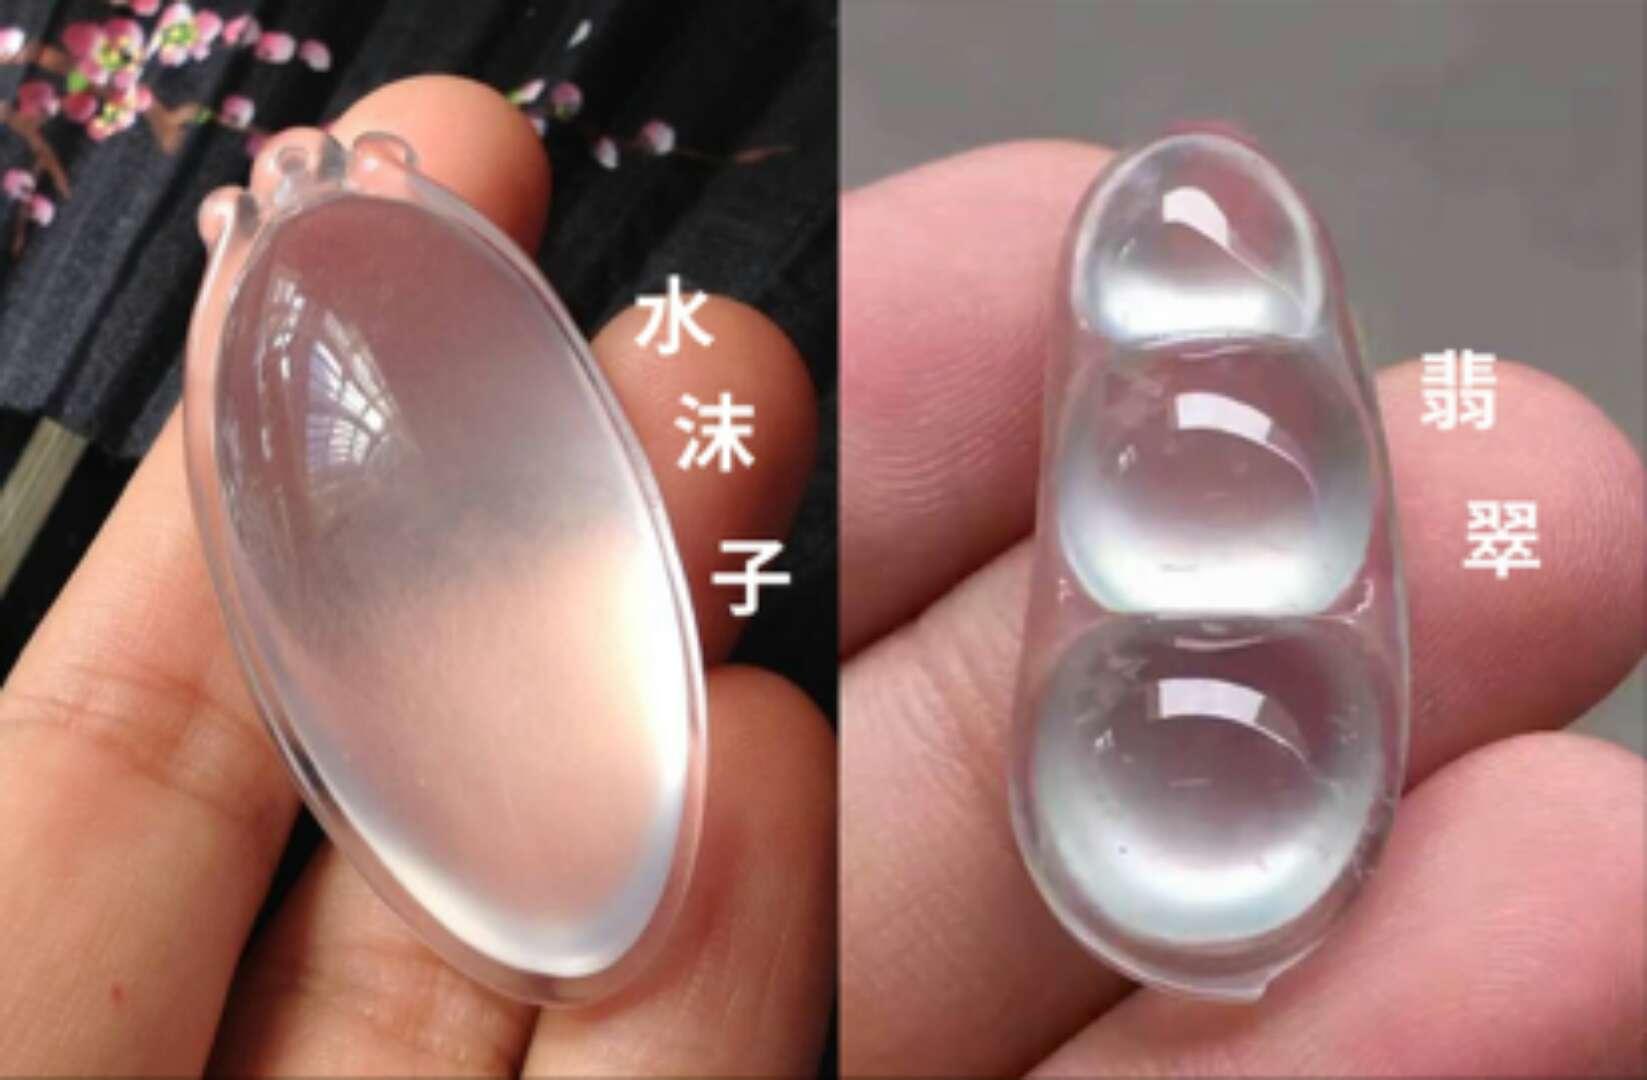 翡翠原石切出水沫玉,这是为什么?